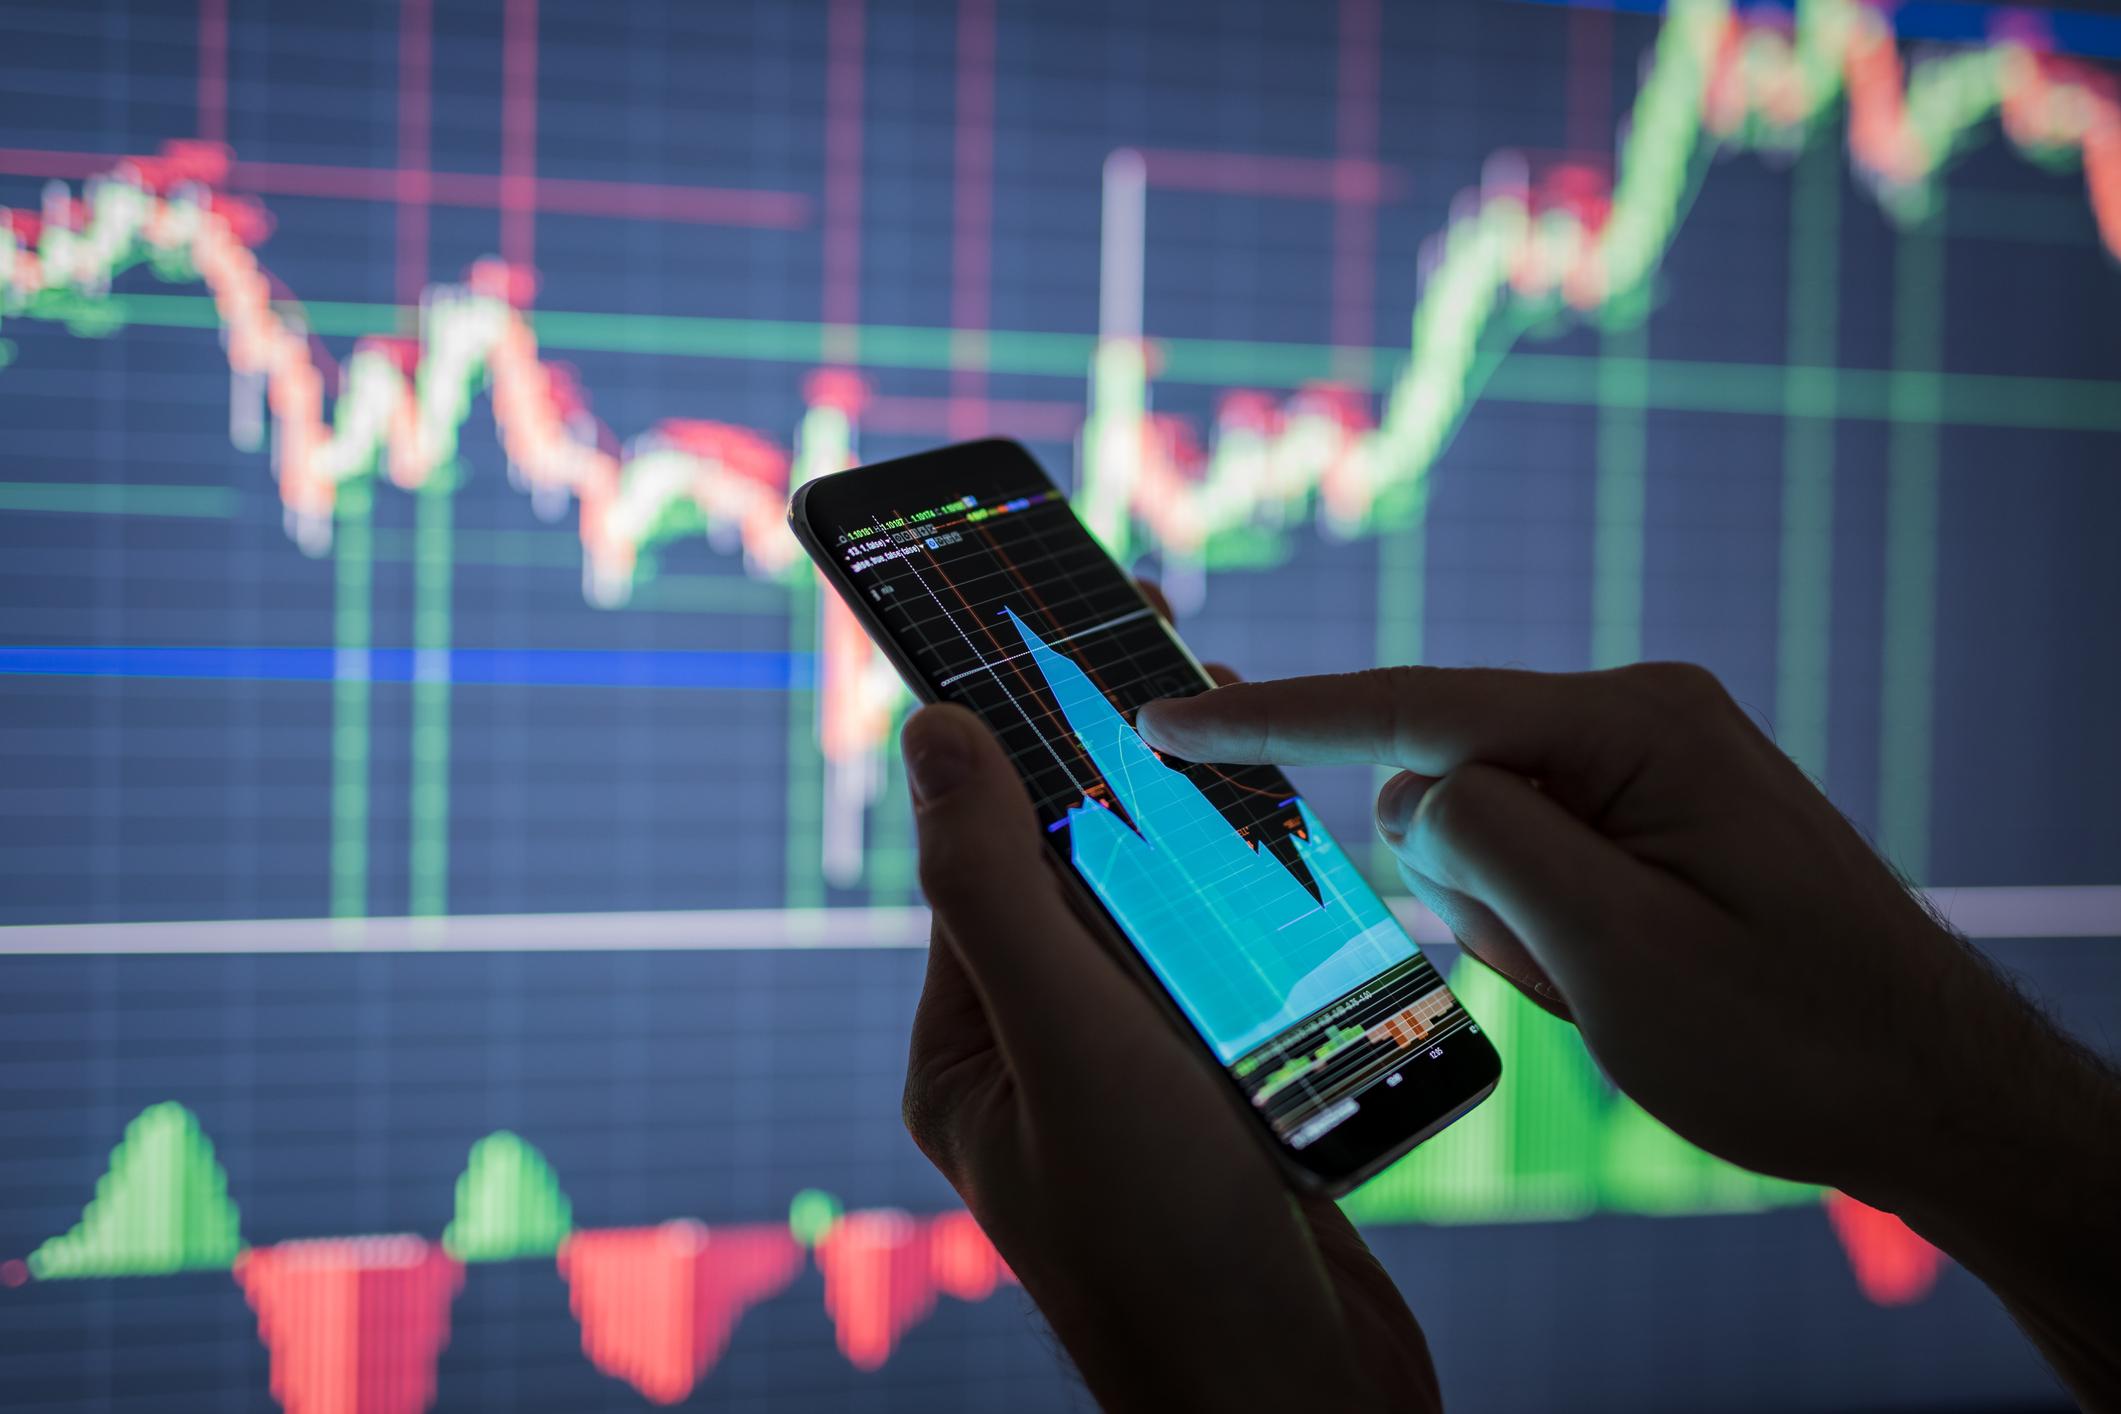 Carteira gráfica da XP sobe 0,9% na semana e troca 2 das 5 ações; veja as mudanças